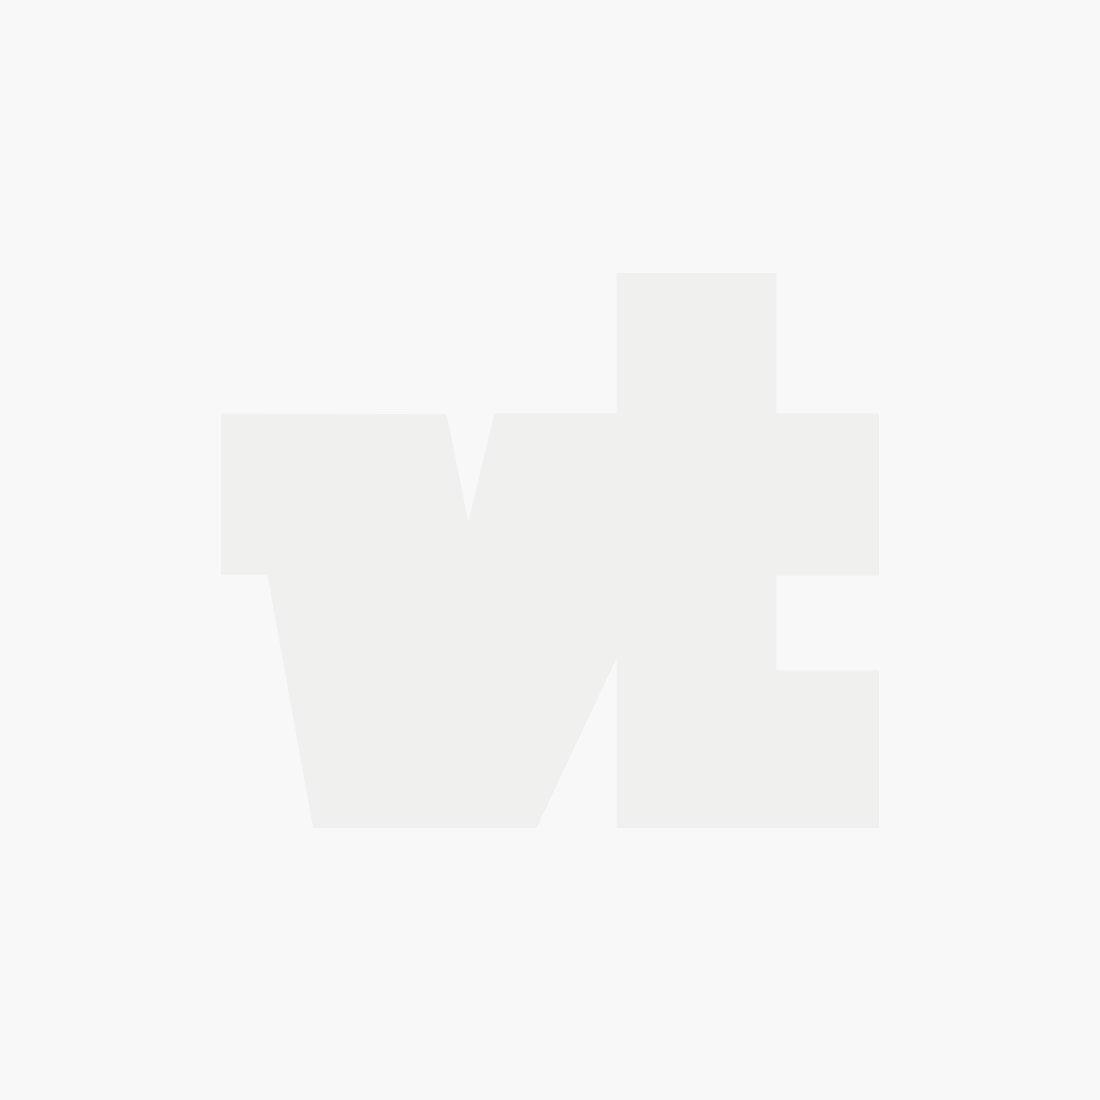 Pants black & beige pied de poule